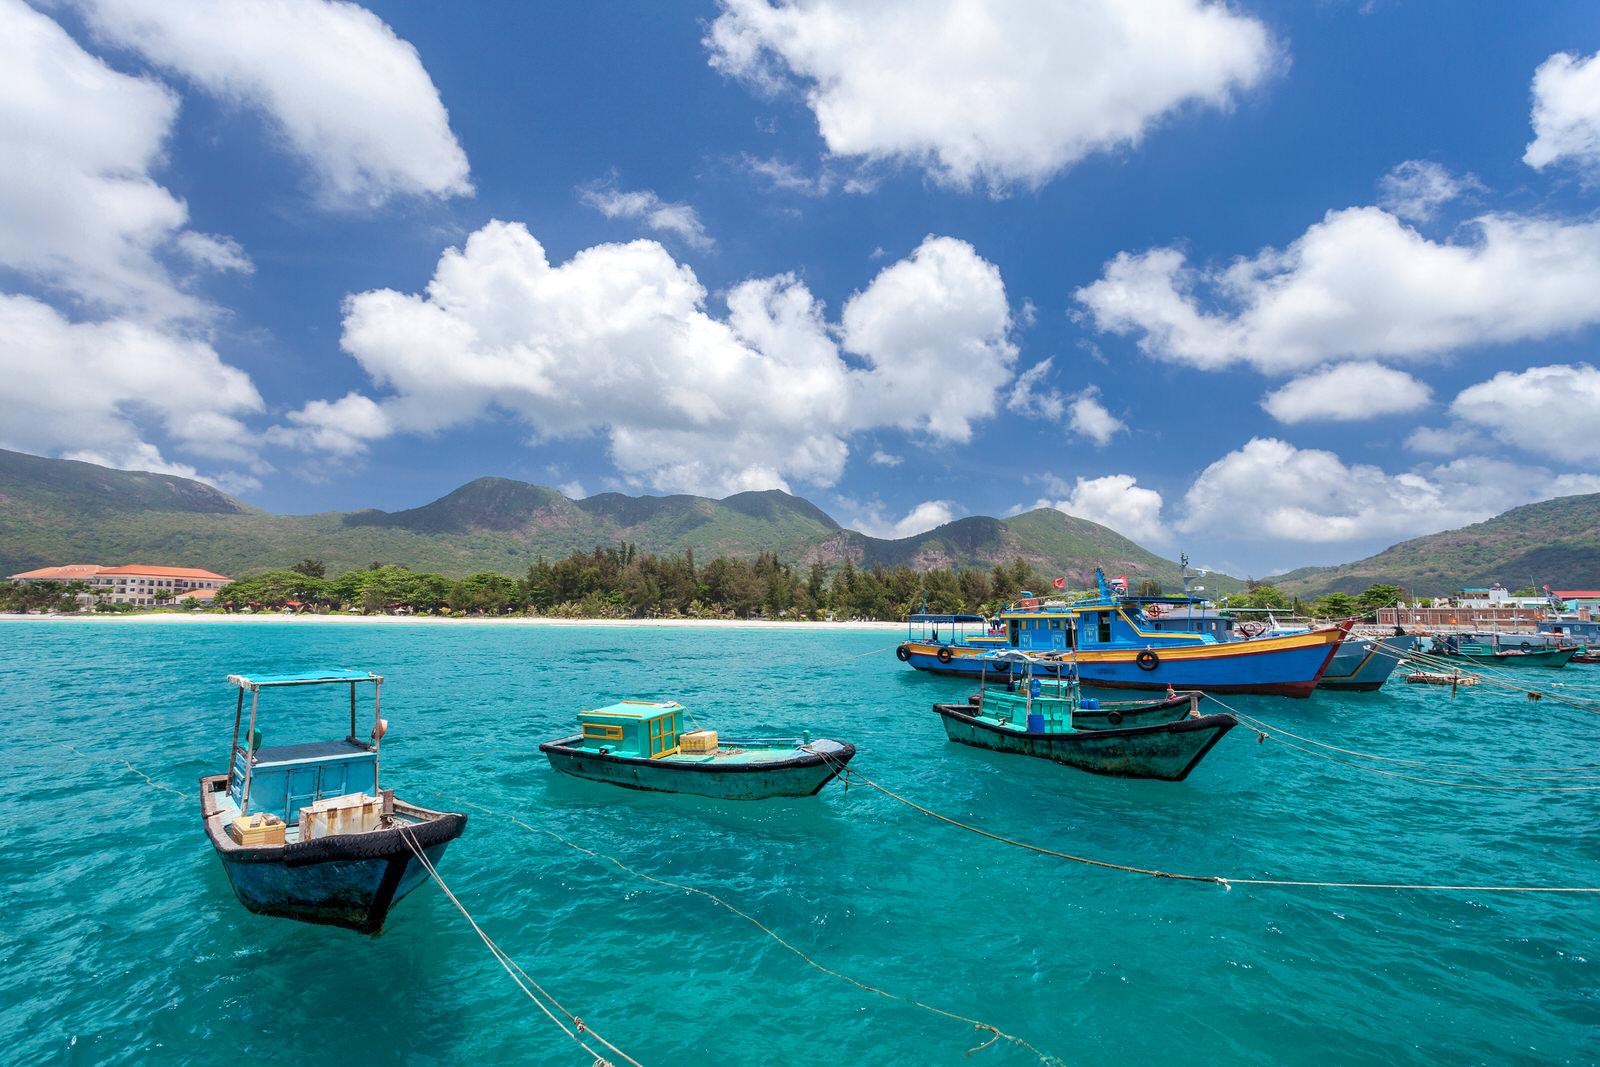 Khám phá danh thắng ở hòn đảo thiên đường châu Á